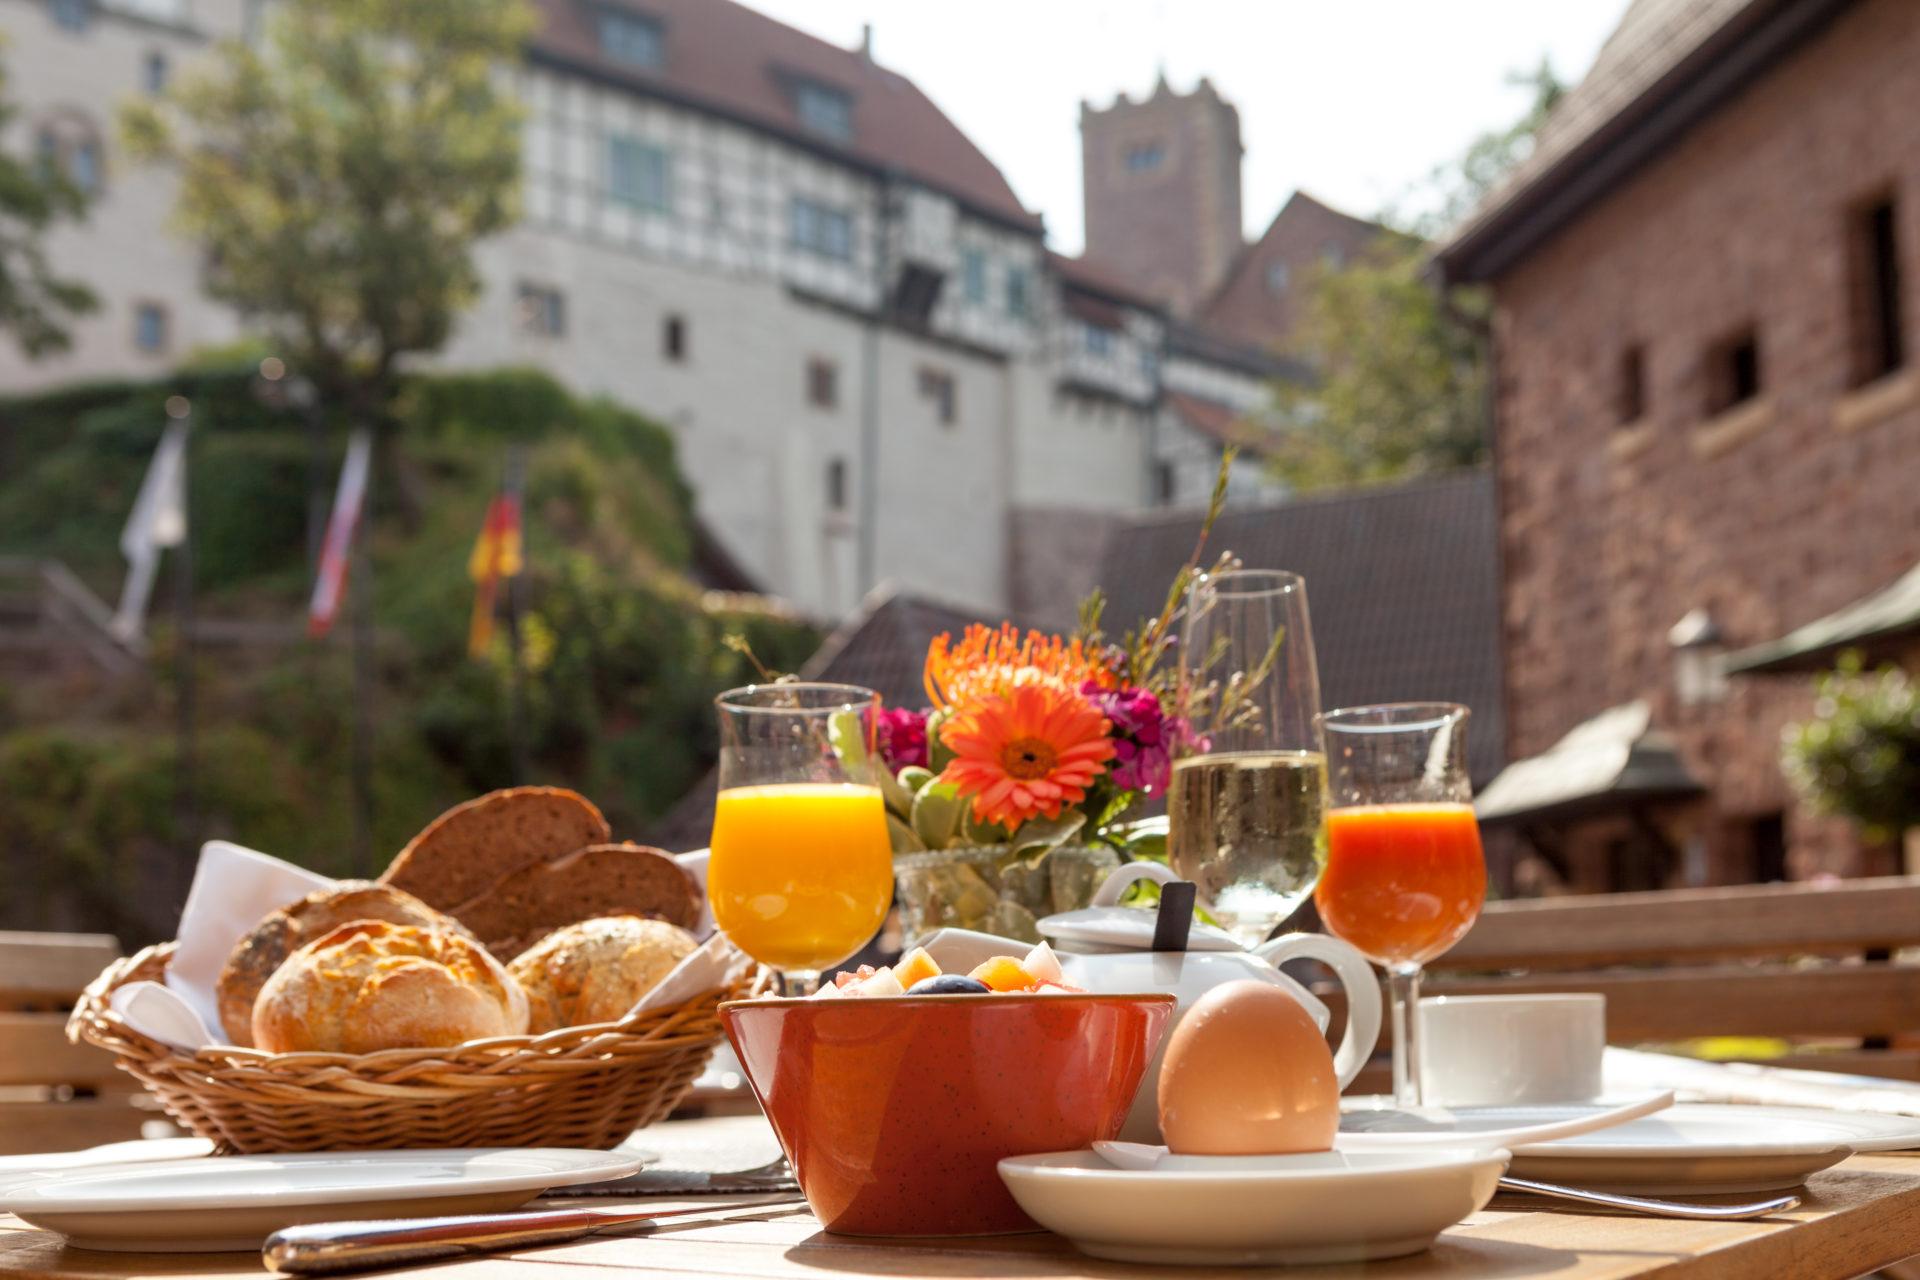 Burgfrühstueck im Romantik Hotel auf der Wartburg mit Blick auf die Wartburg